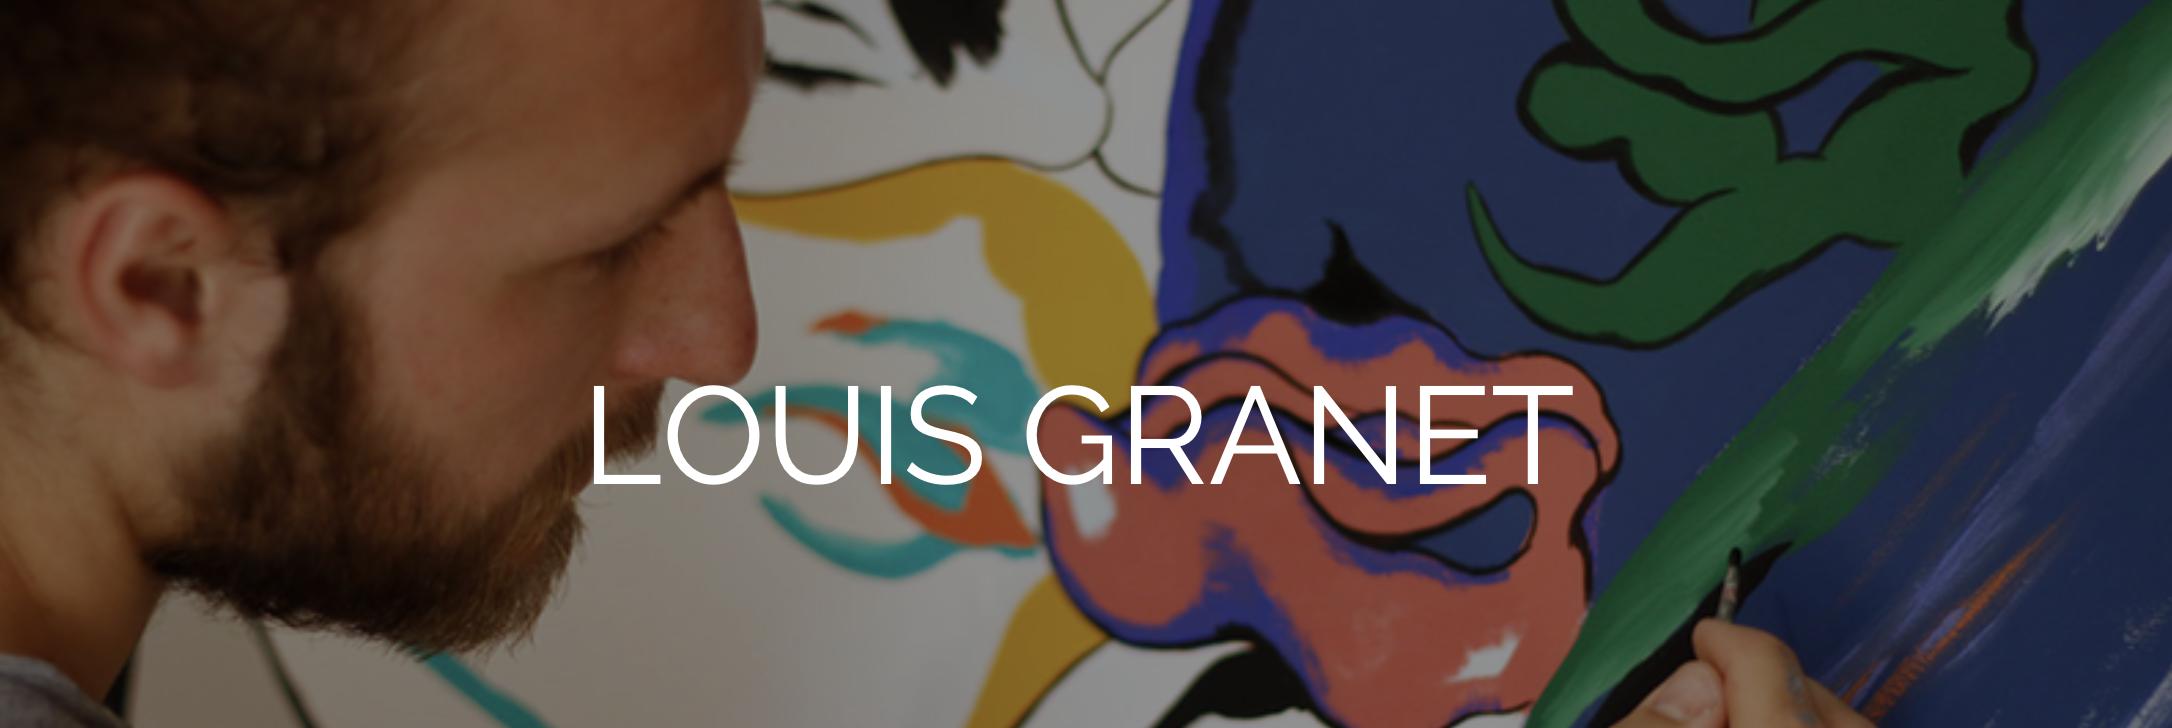 Louis Granet